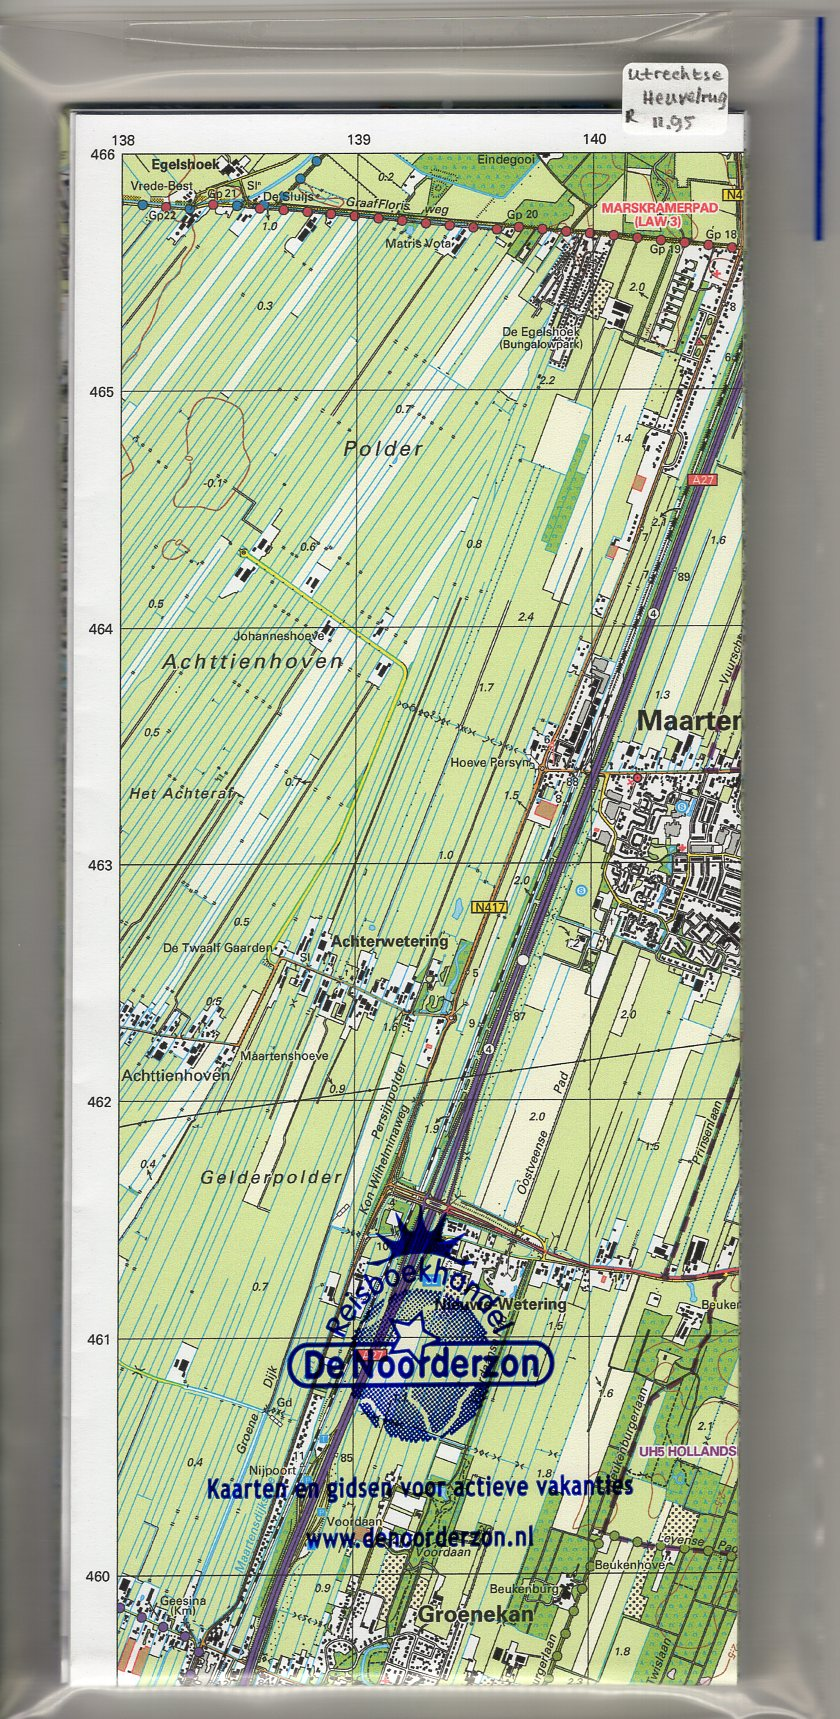 UH  Utrechtse Heuvelrug | Trage Paden wandelkaart 1:25.000 9789081396127 WolfsWandelplan Reisboekhandel De Noorderzon Trage Paden  Wandelkaarten Utrecht